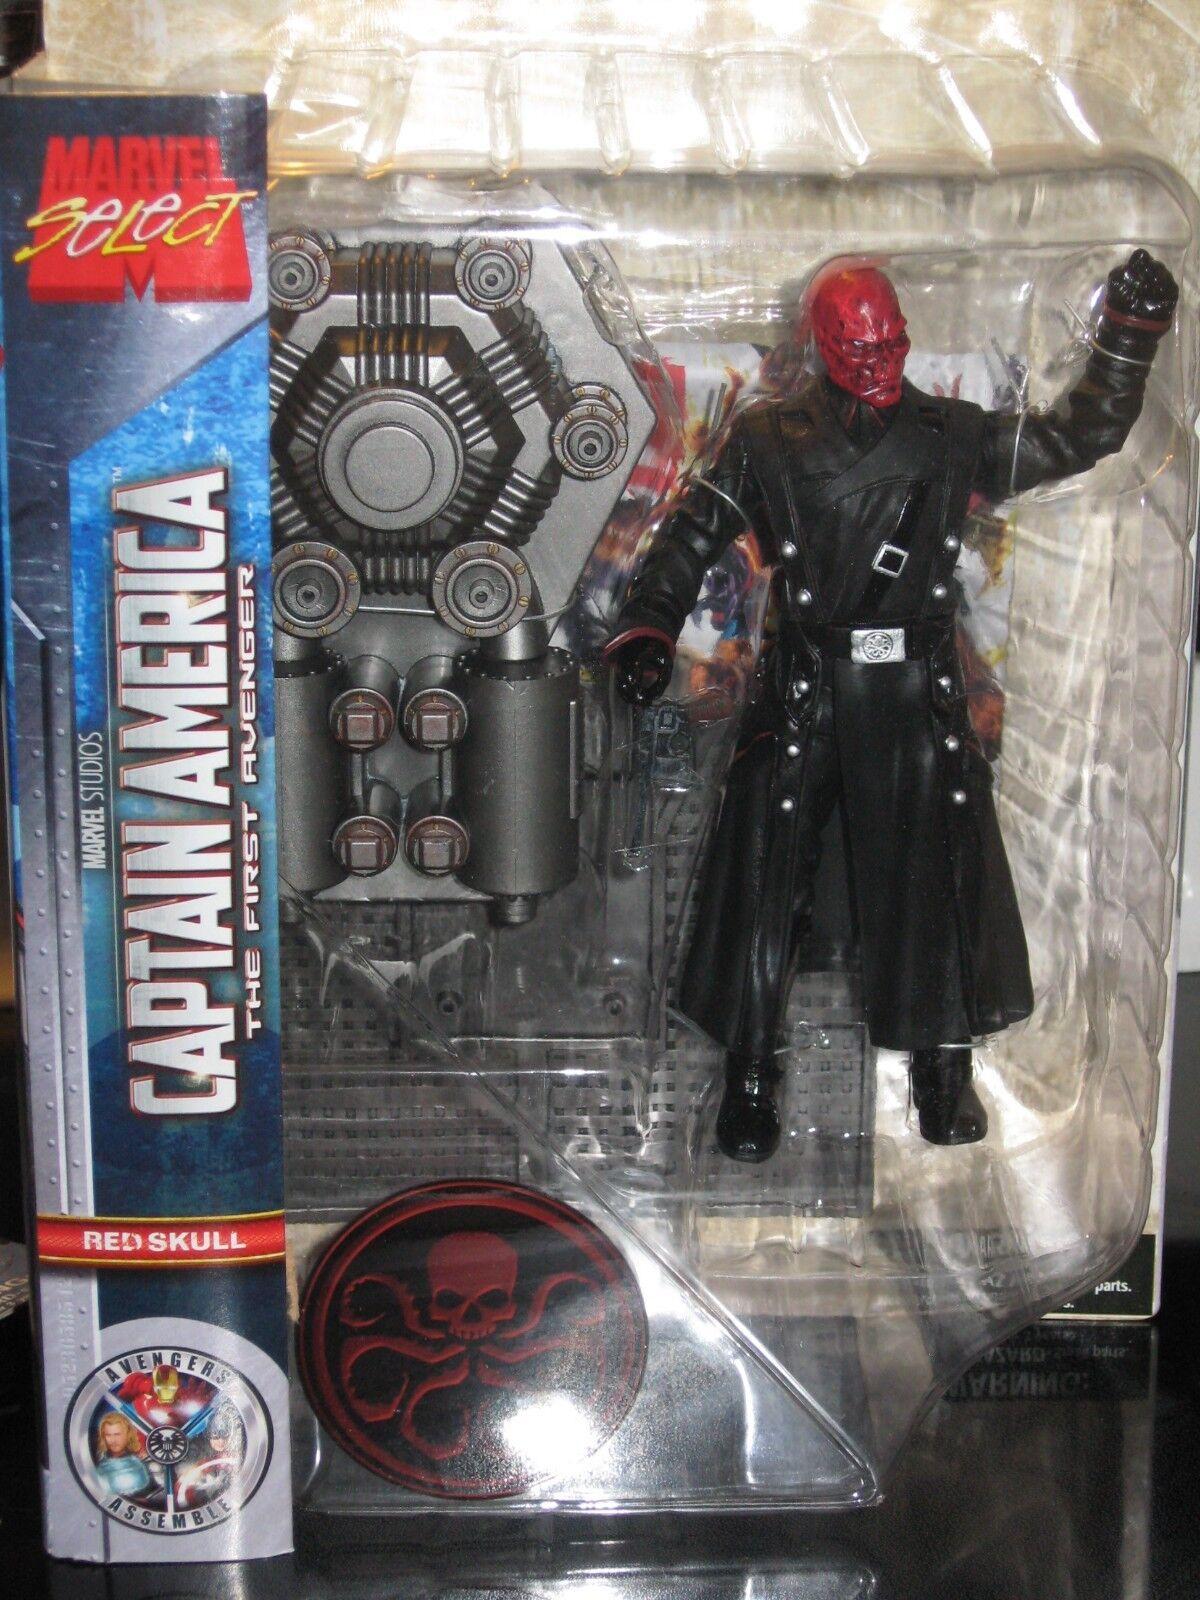 Marvel Select 1st Avenger Red Skull Action Figure